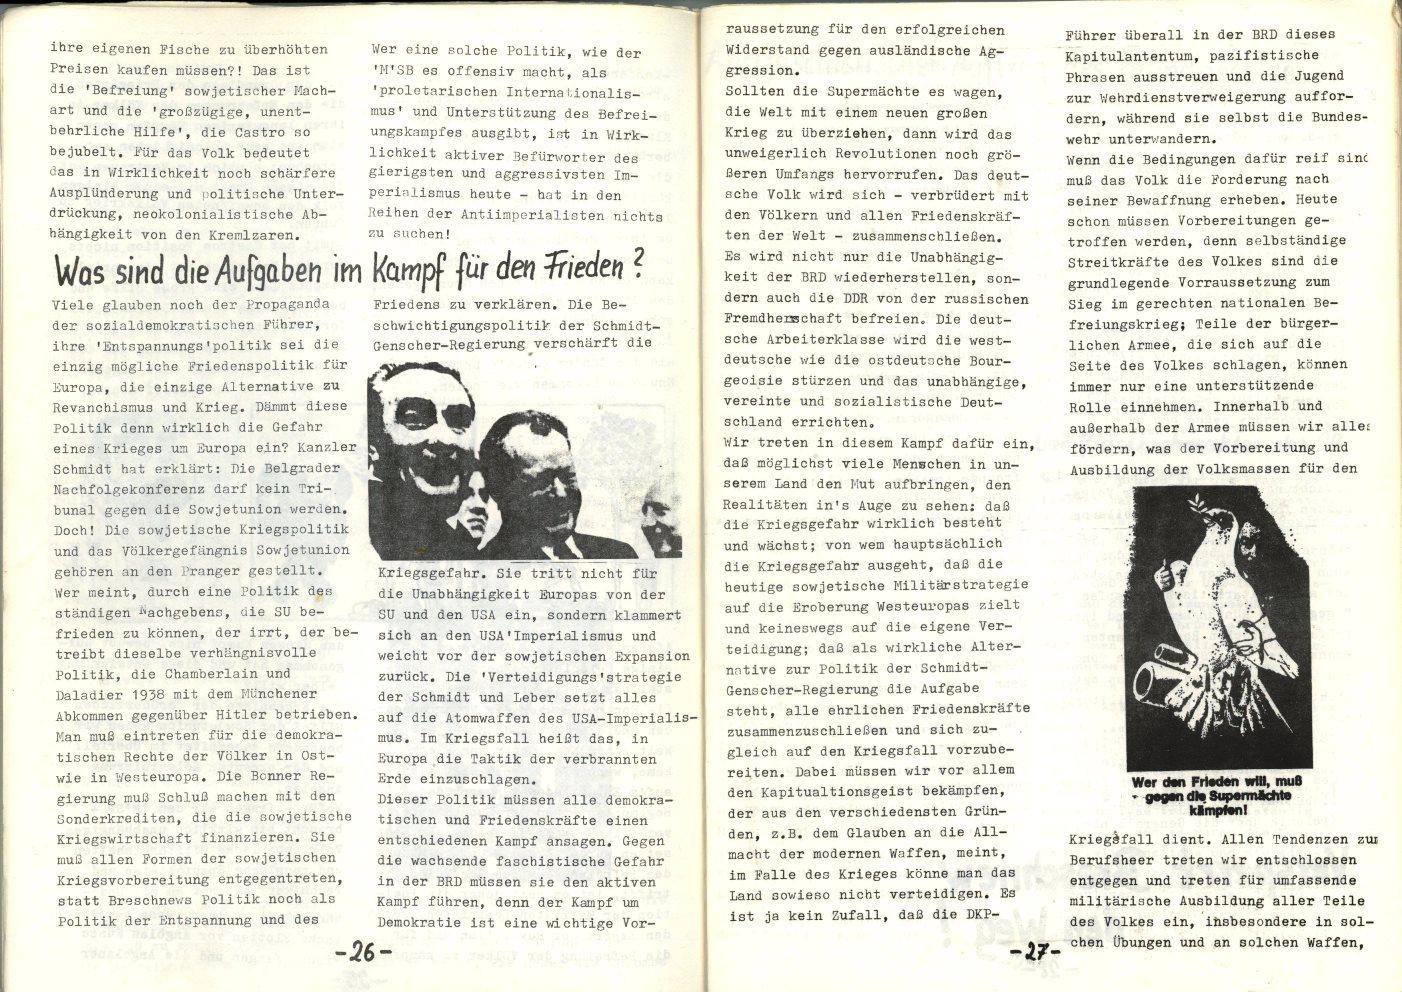 NRW_KSV_1977_Doku_zu_den_AStA_Wahlen_Nr_2_14